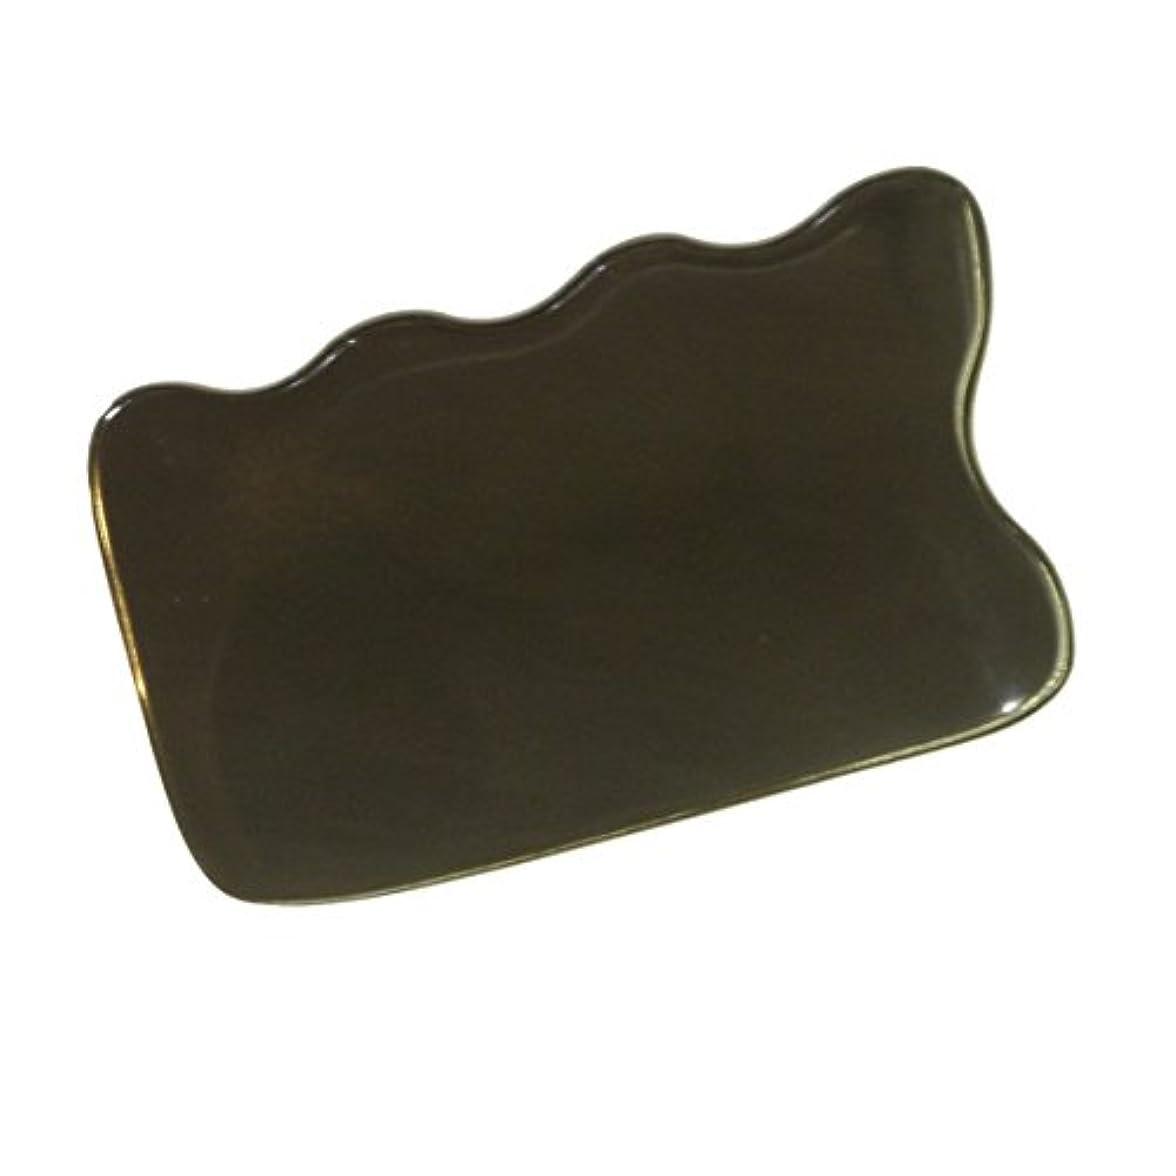 精巧な縁重さかっさ プレート 厚さが選べる 水牛の角(黒水牛角) EHE220 四角波 一般品 厚め(7ミリ程度)